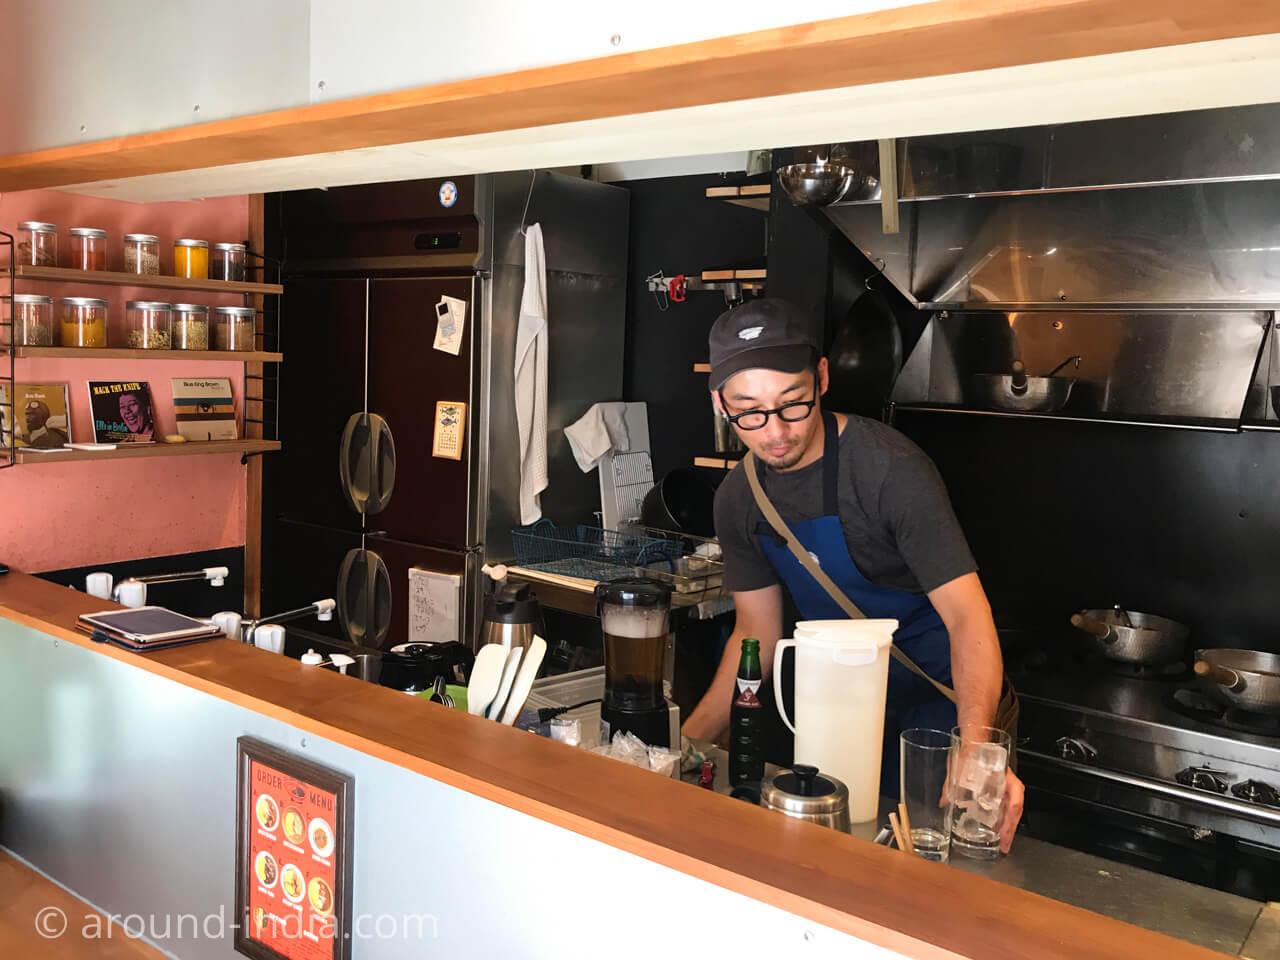 鎌倉のzushi curry店内